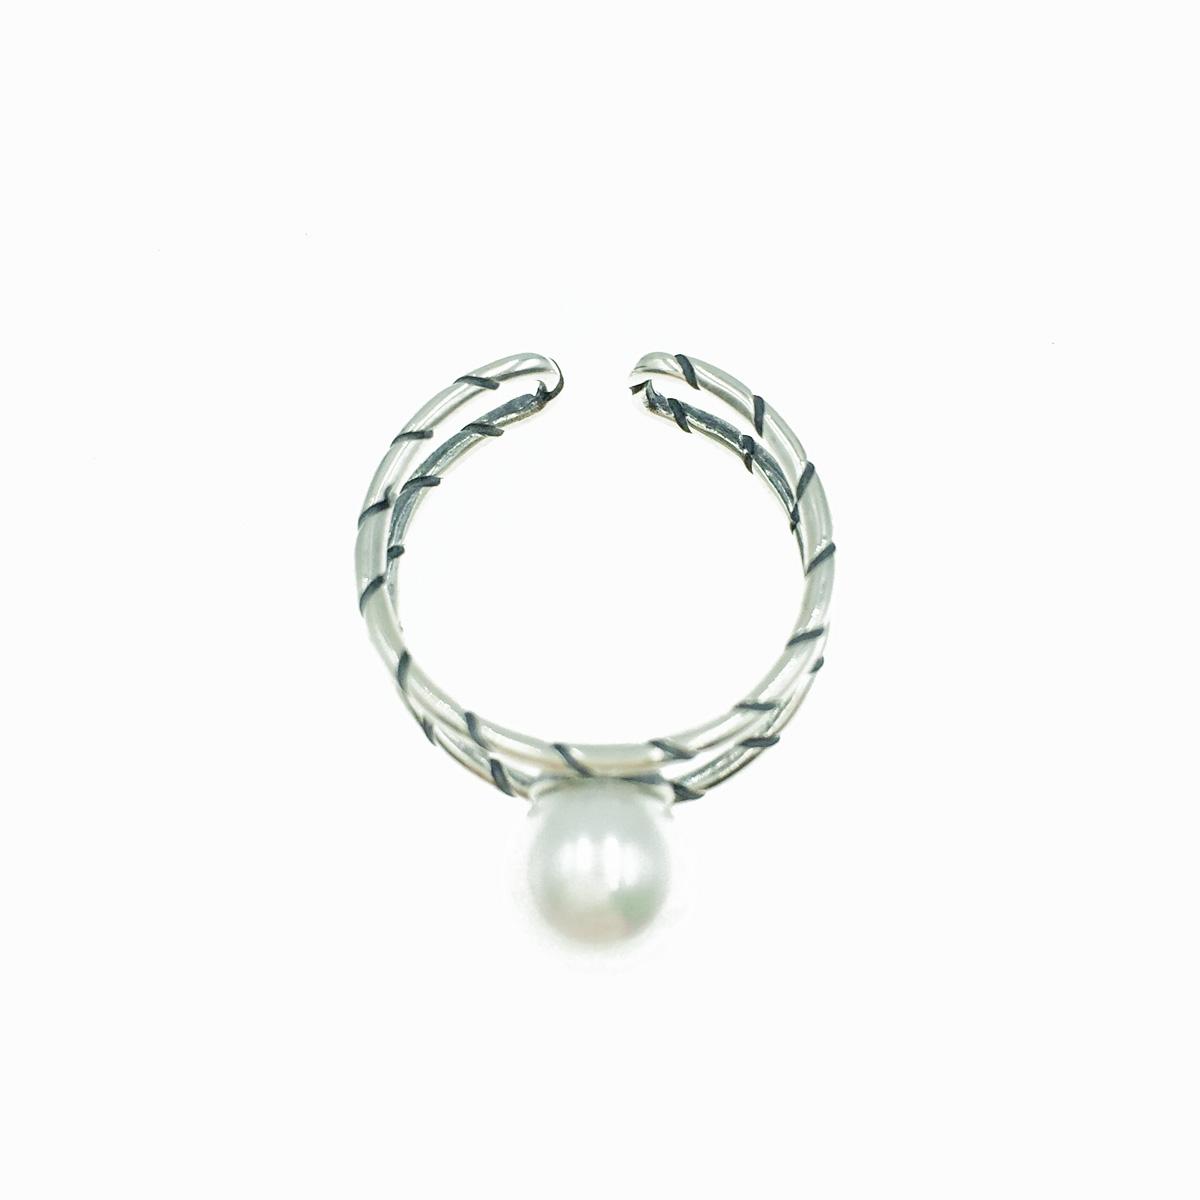 韓國 925純銀 珍珠造型 簍空雙環 可調式 戒指